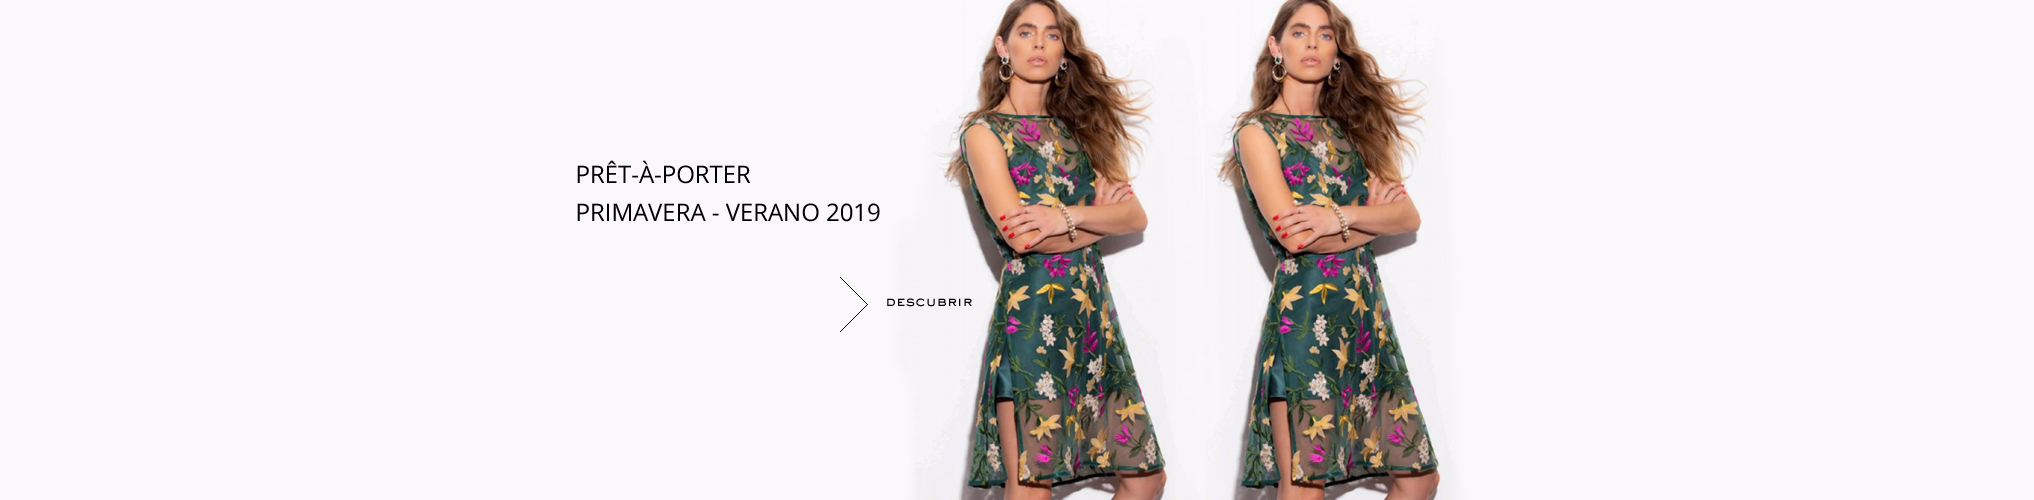 PRIMAVERA / VERANO 2019